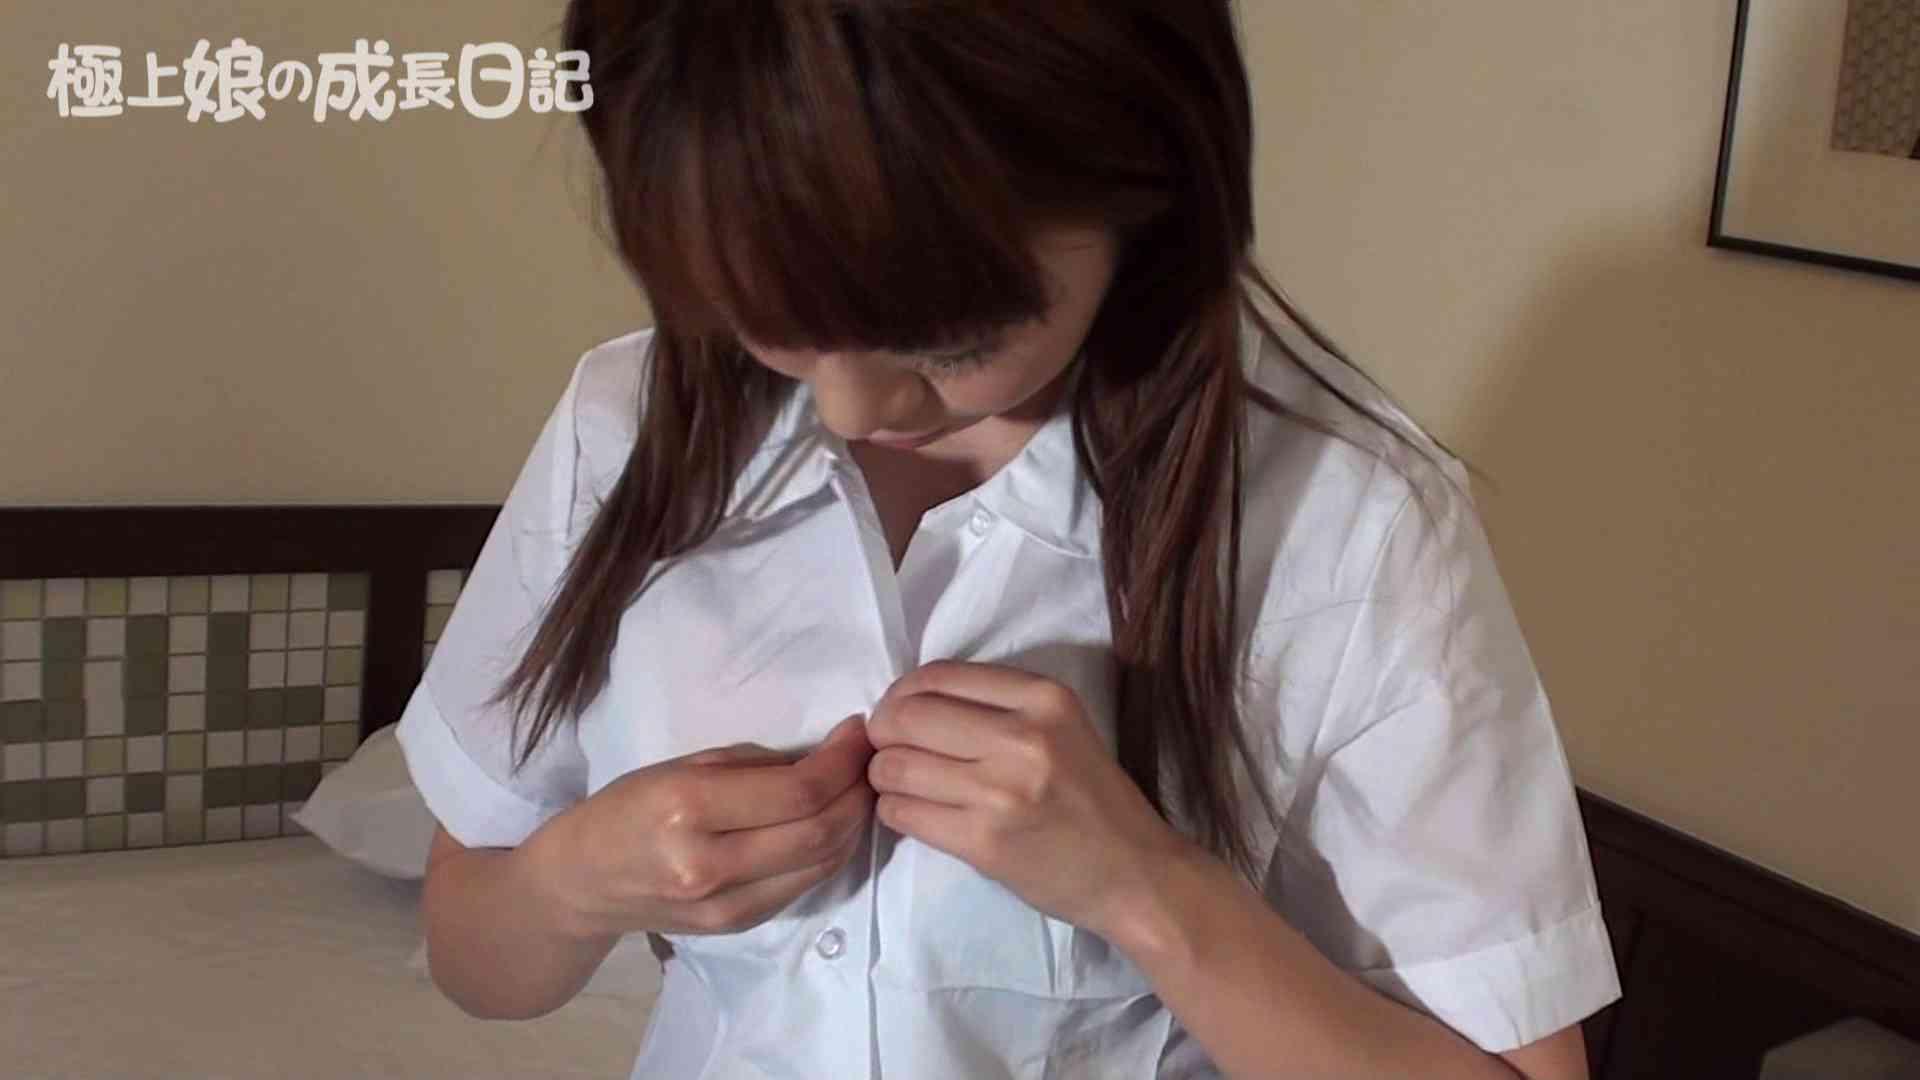 極上素人嬢の成長日記 コスプレオナニー編 コスプレ娘 AV動画キャプチャ 58連発 6